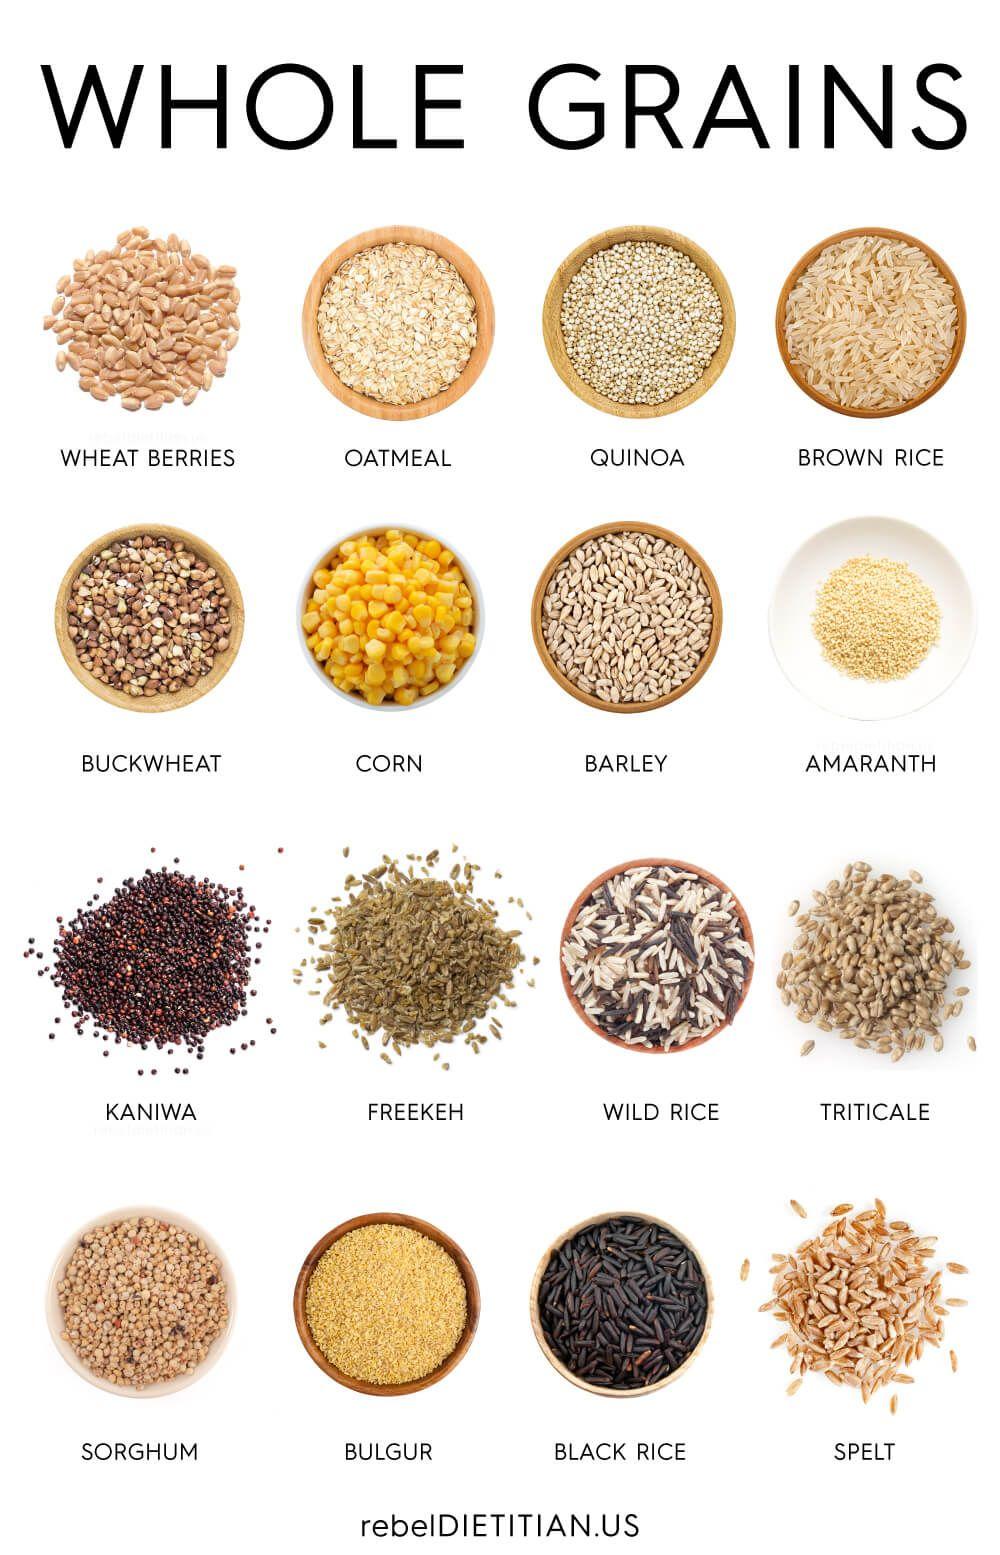 Whole Grains Chart rebelDIETITIAN.US Whole grains list